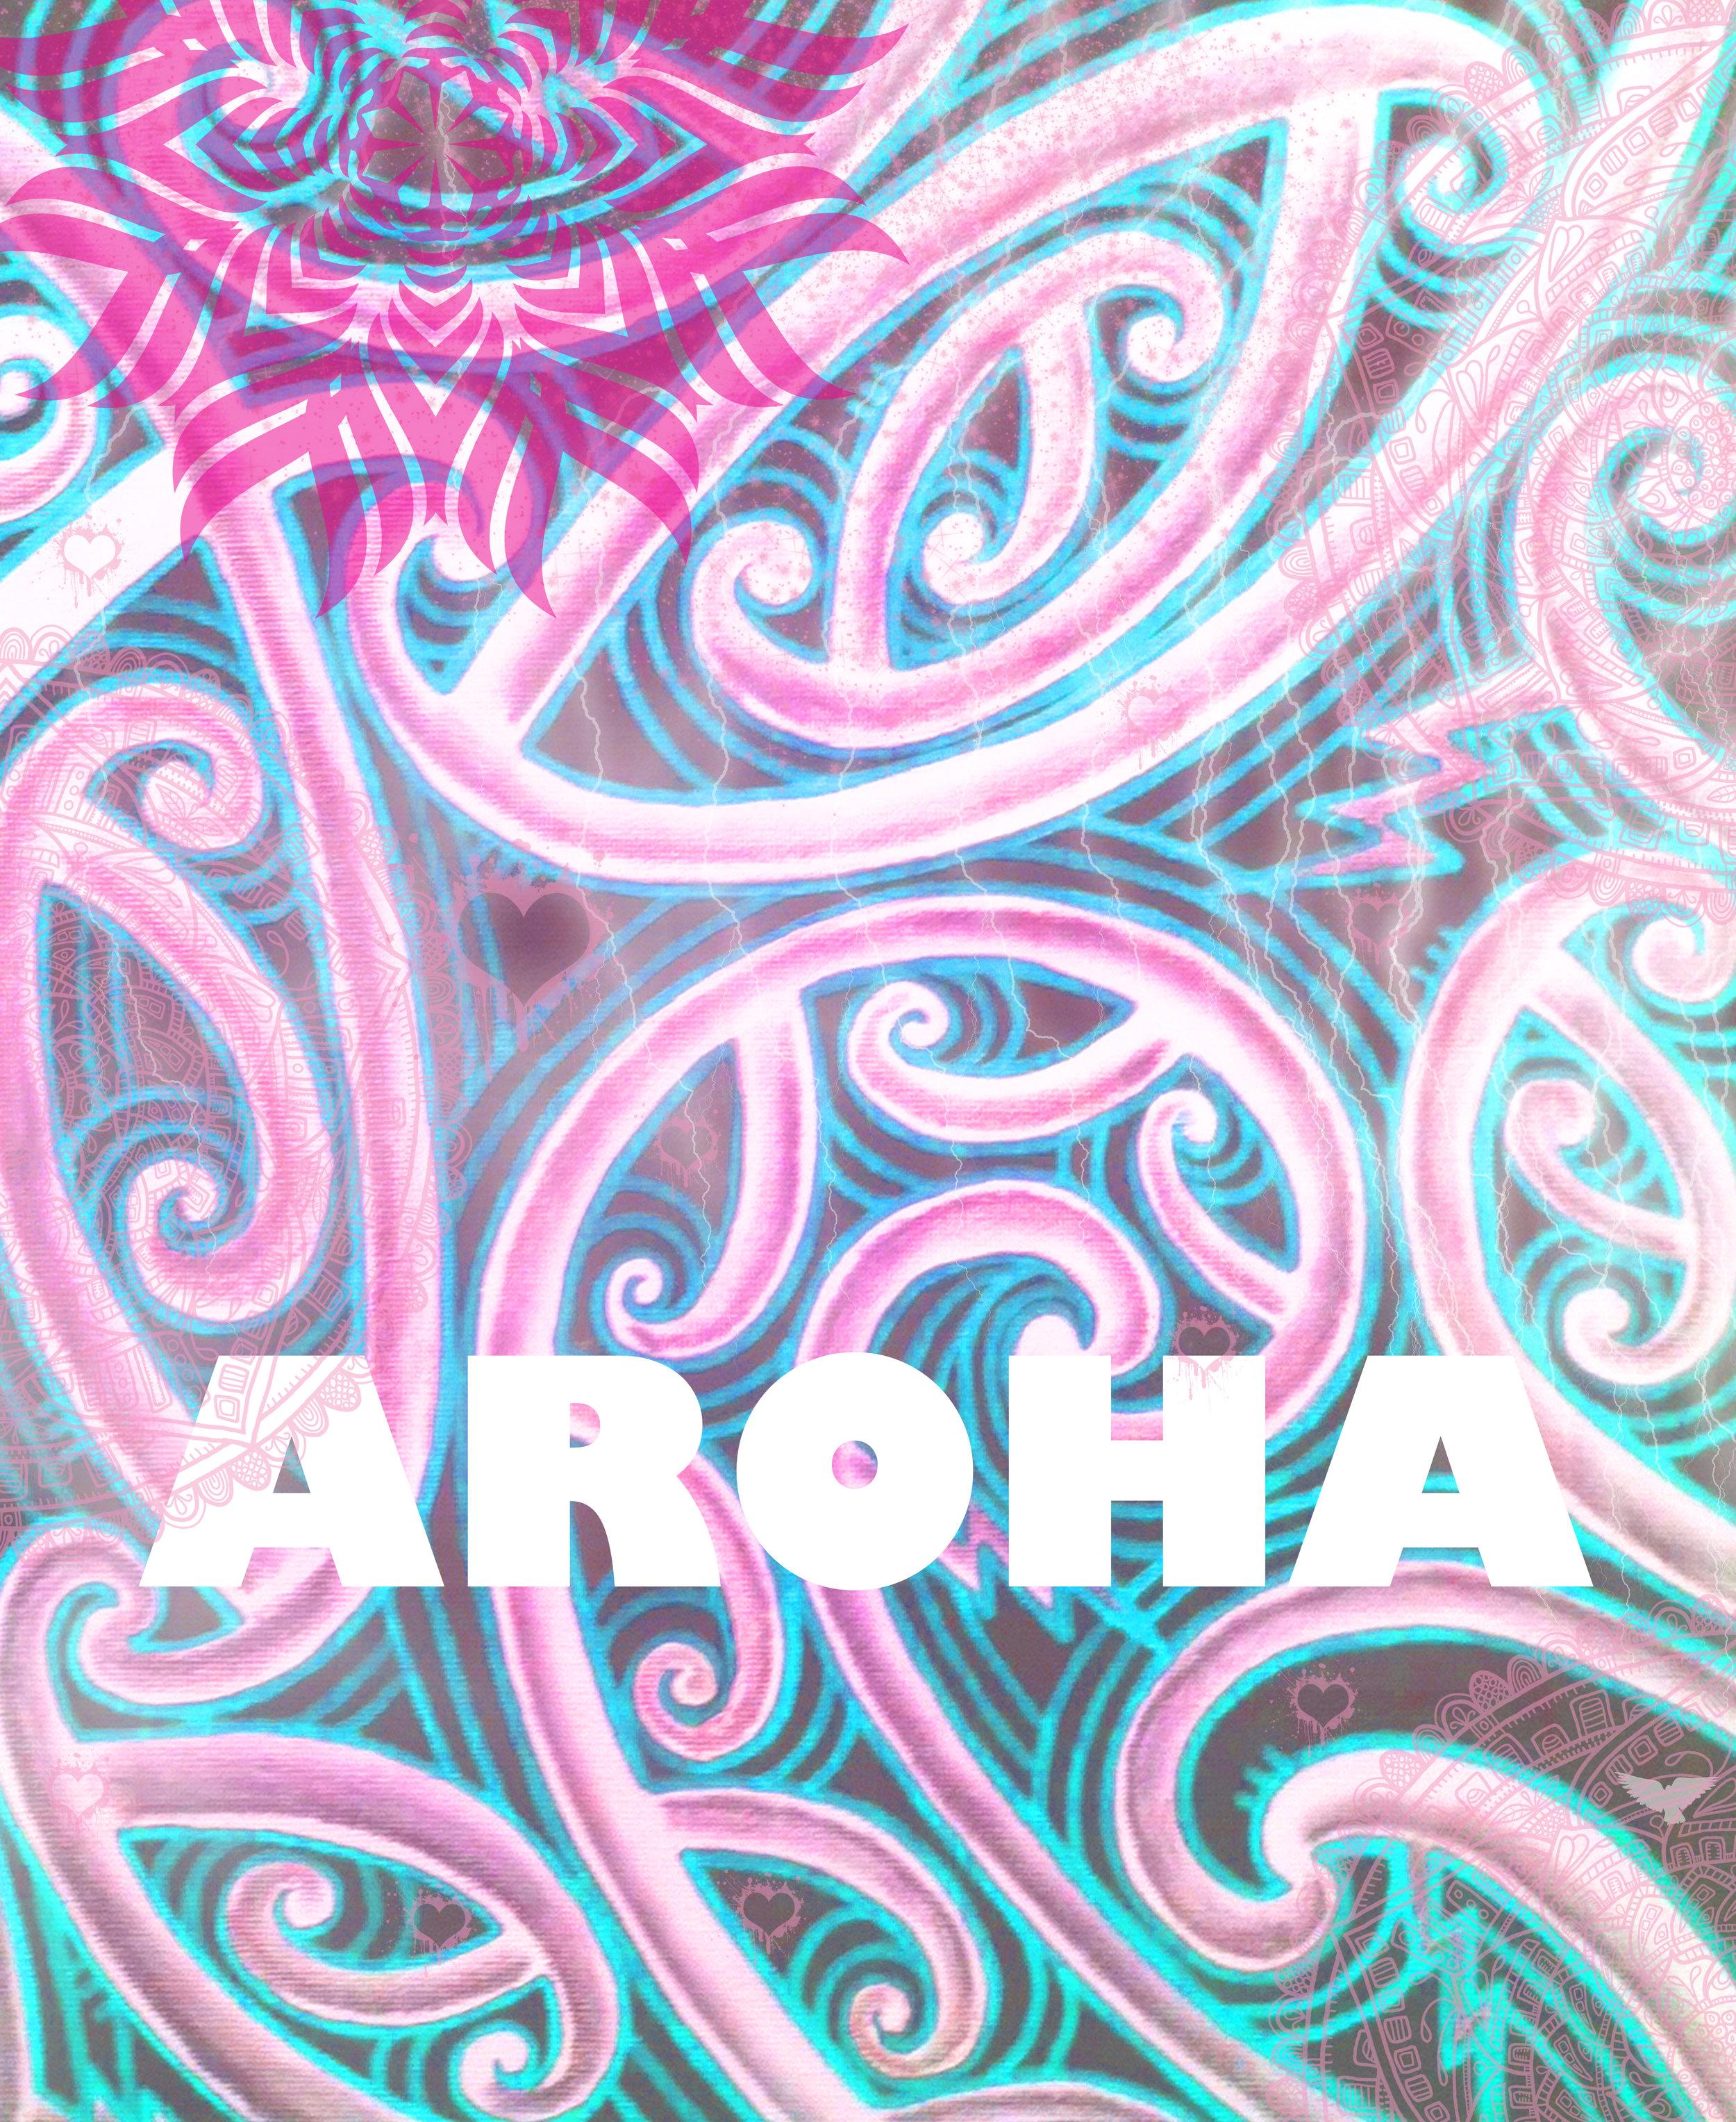 aroha maori spirituality wairua art toi maori